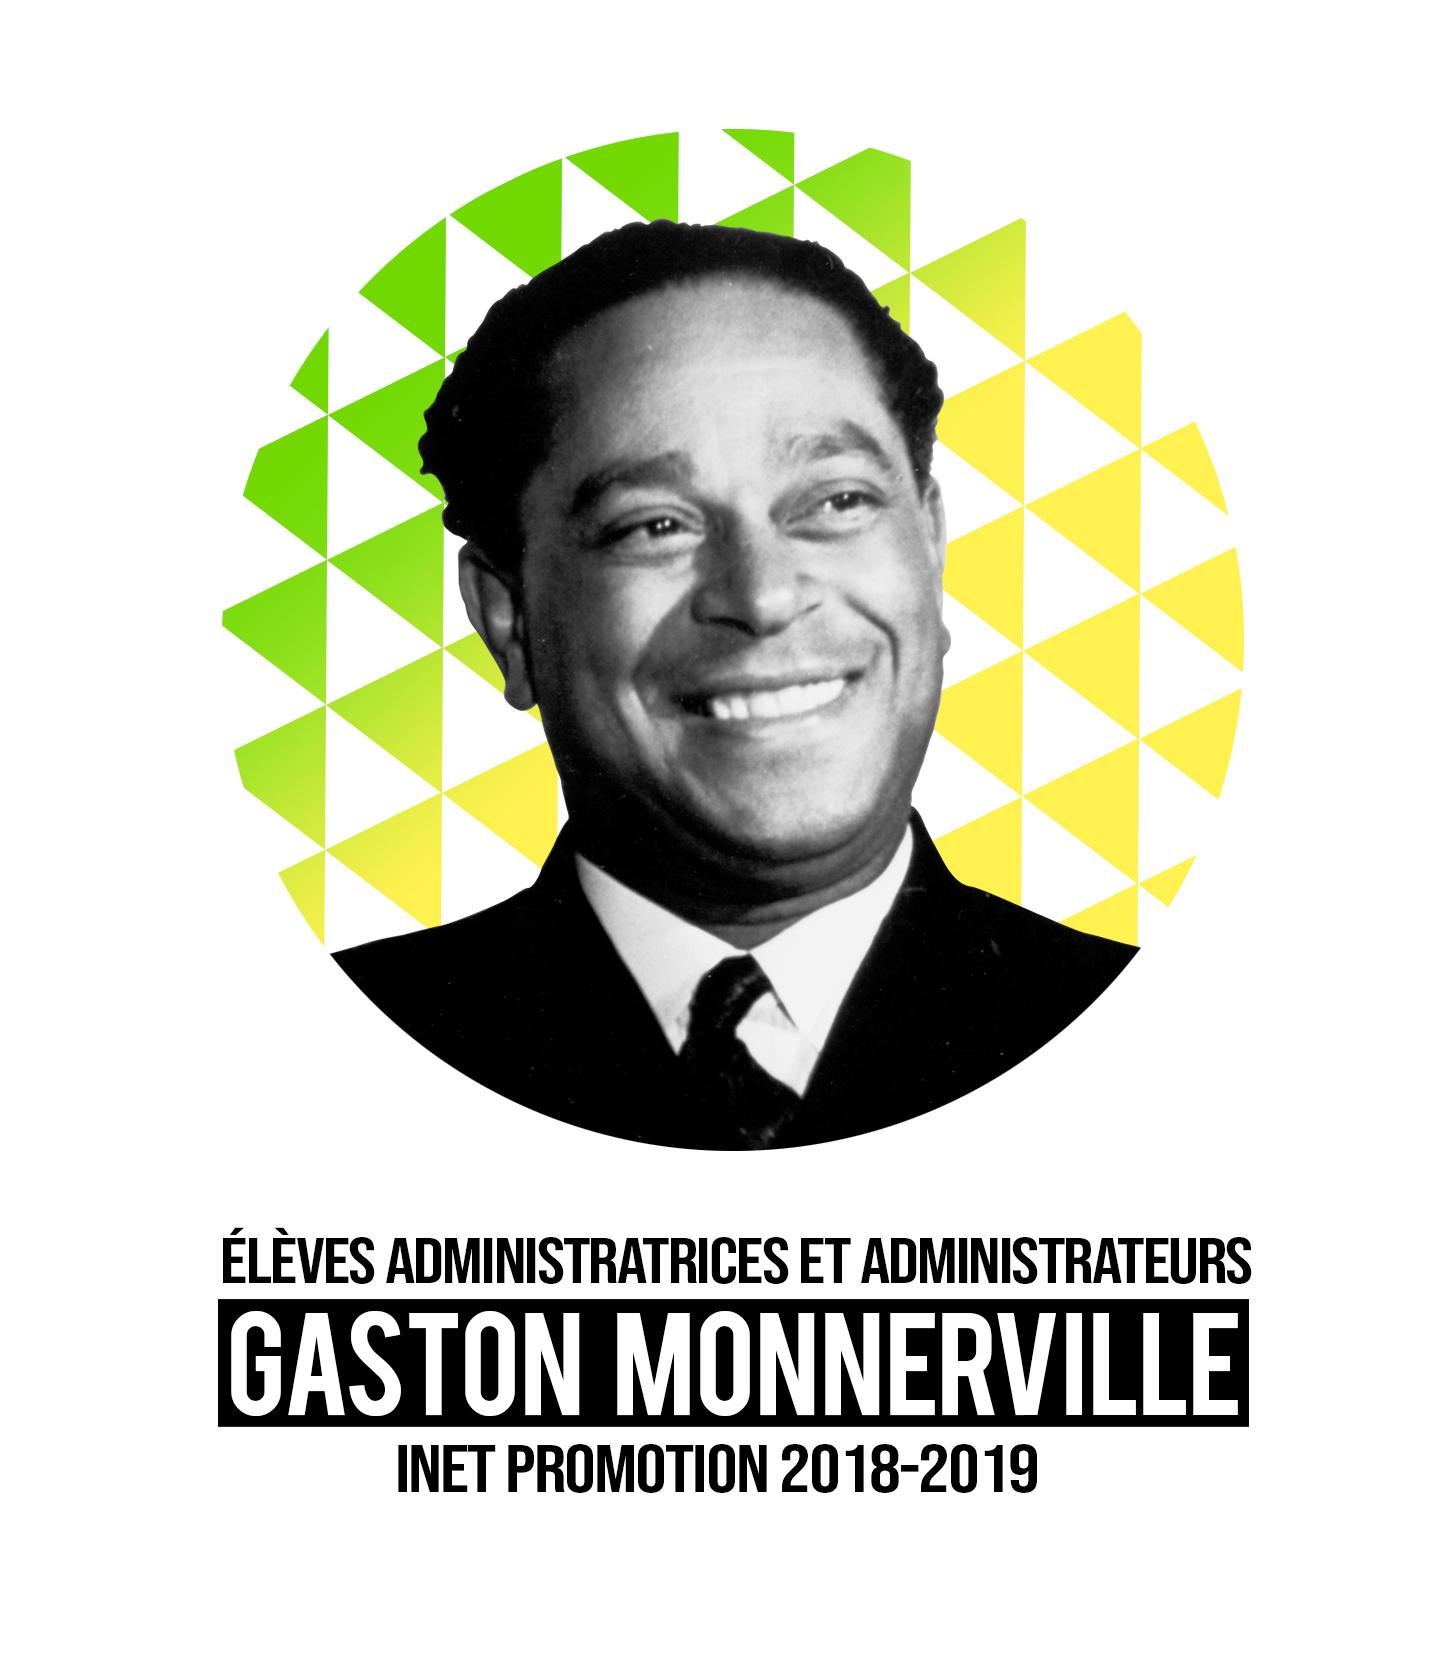 Les profils de la promotion Gaston Monnerville